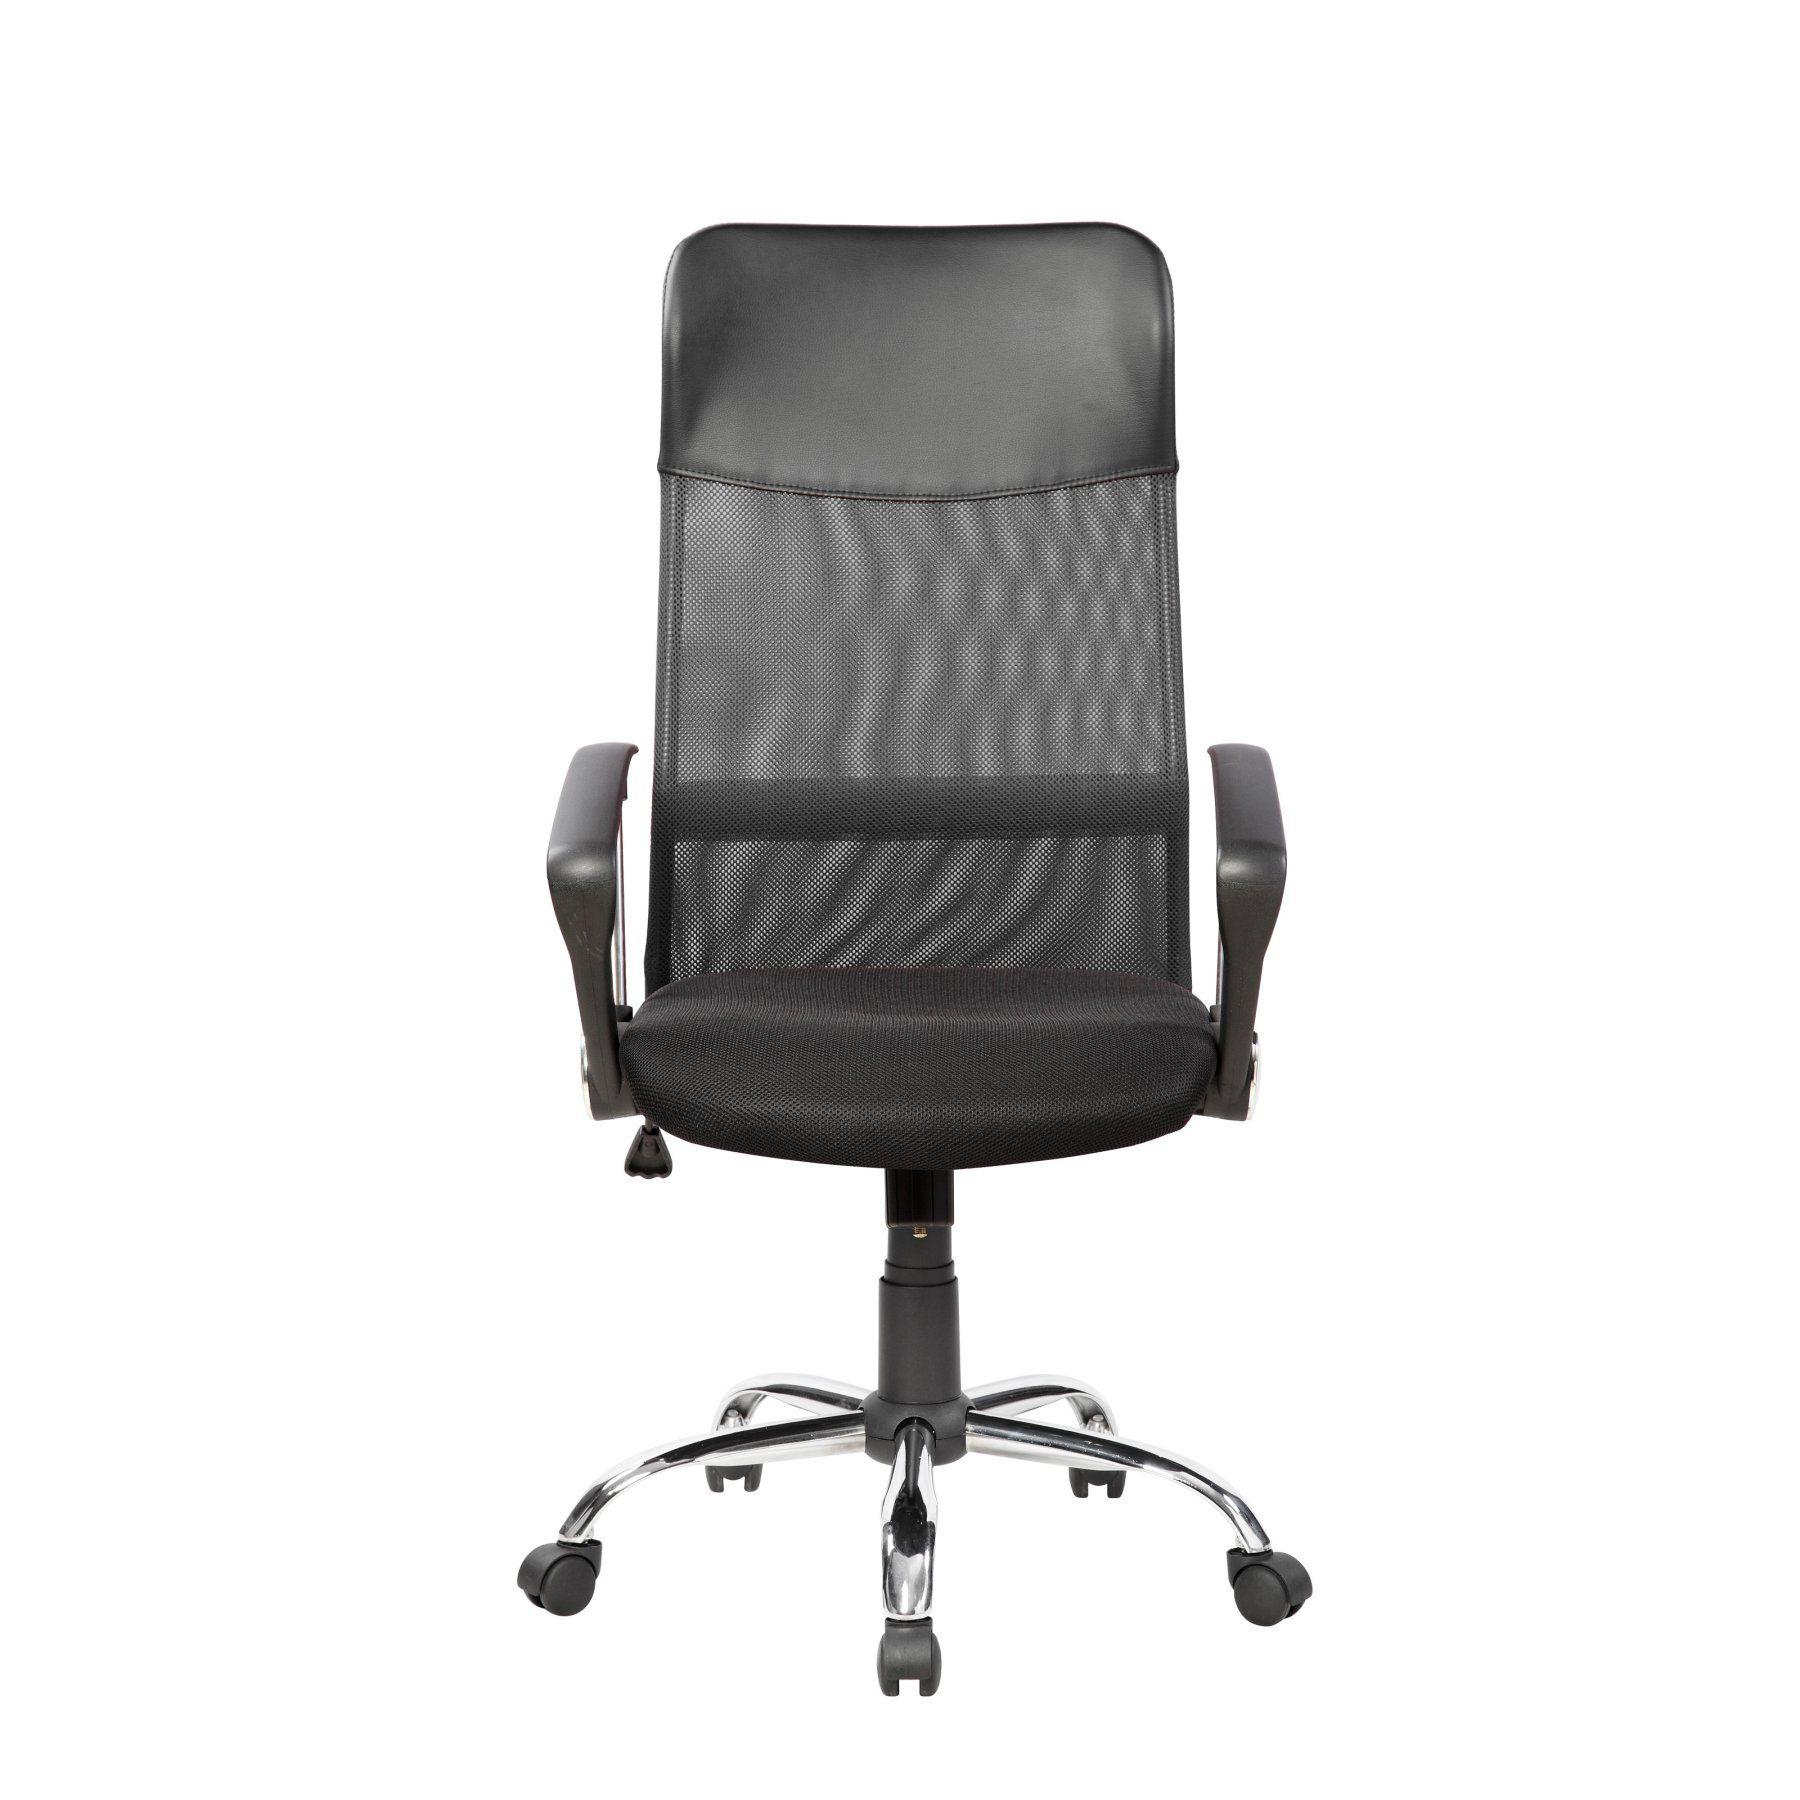 United Chair High back Executive fice Chair HN 8074 BK